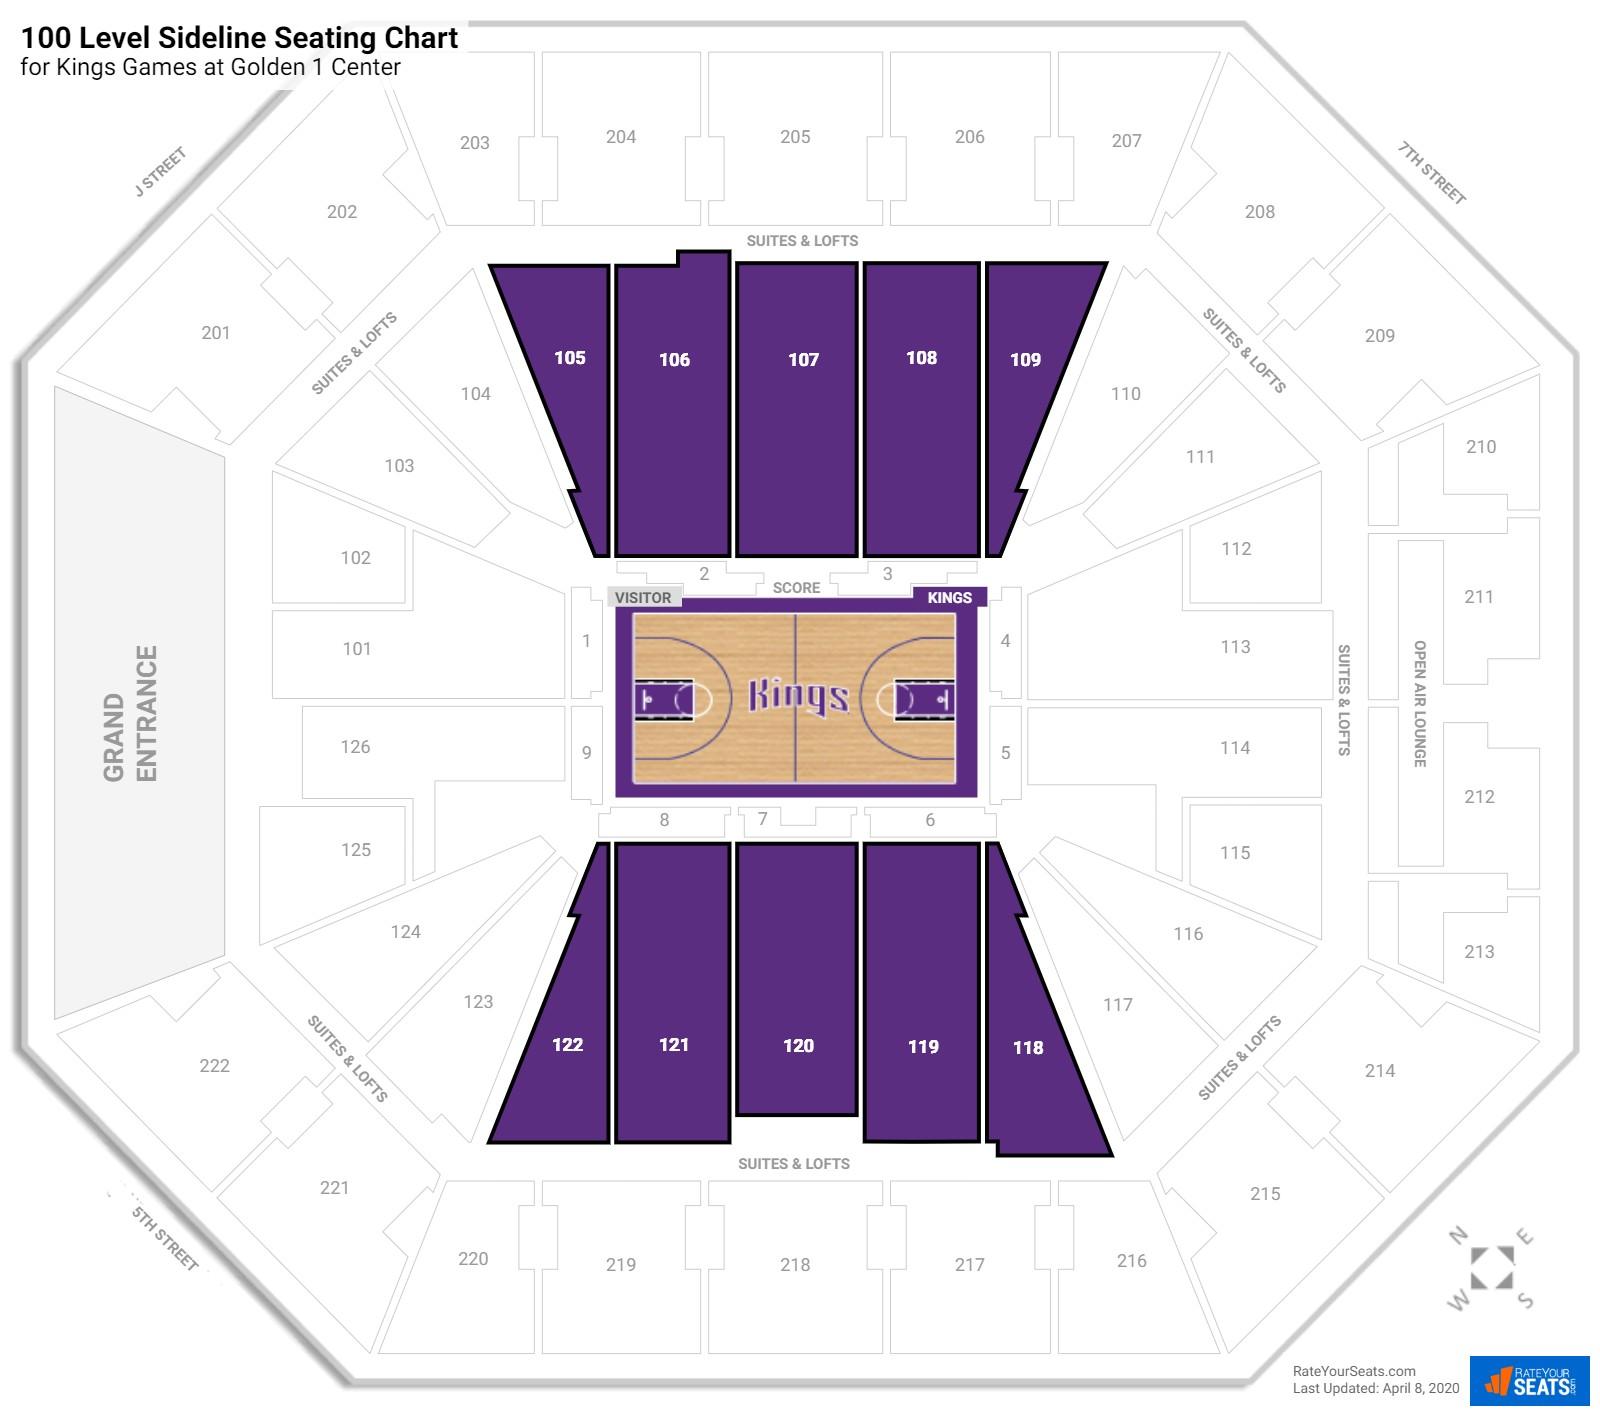 Golden 1 Center 100 Level Sideline Seating Chart